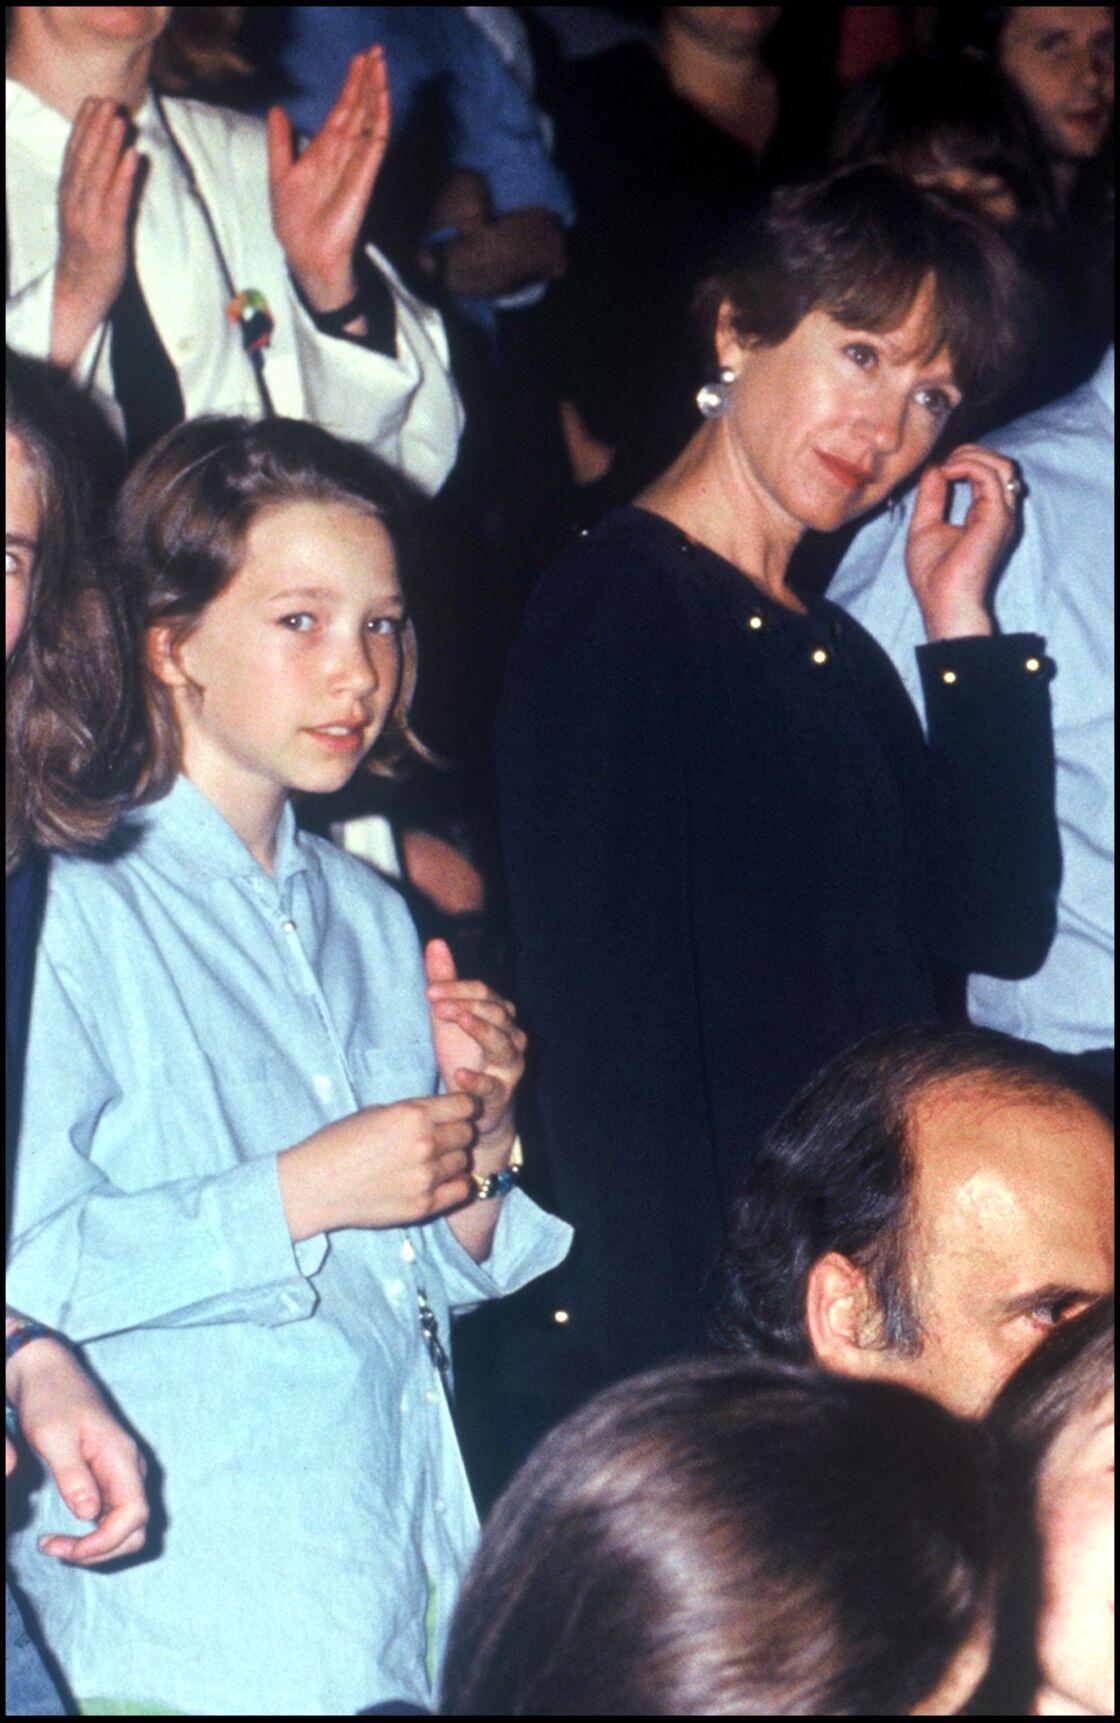 Nathalie Baye et sa fille Laura Smet, lors d'un concert de Johnny Hallyday au Parc des Princes, en 1993.